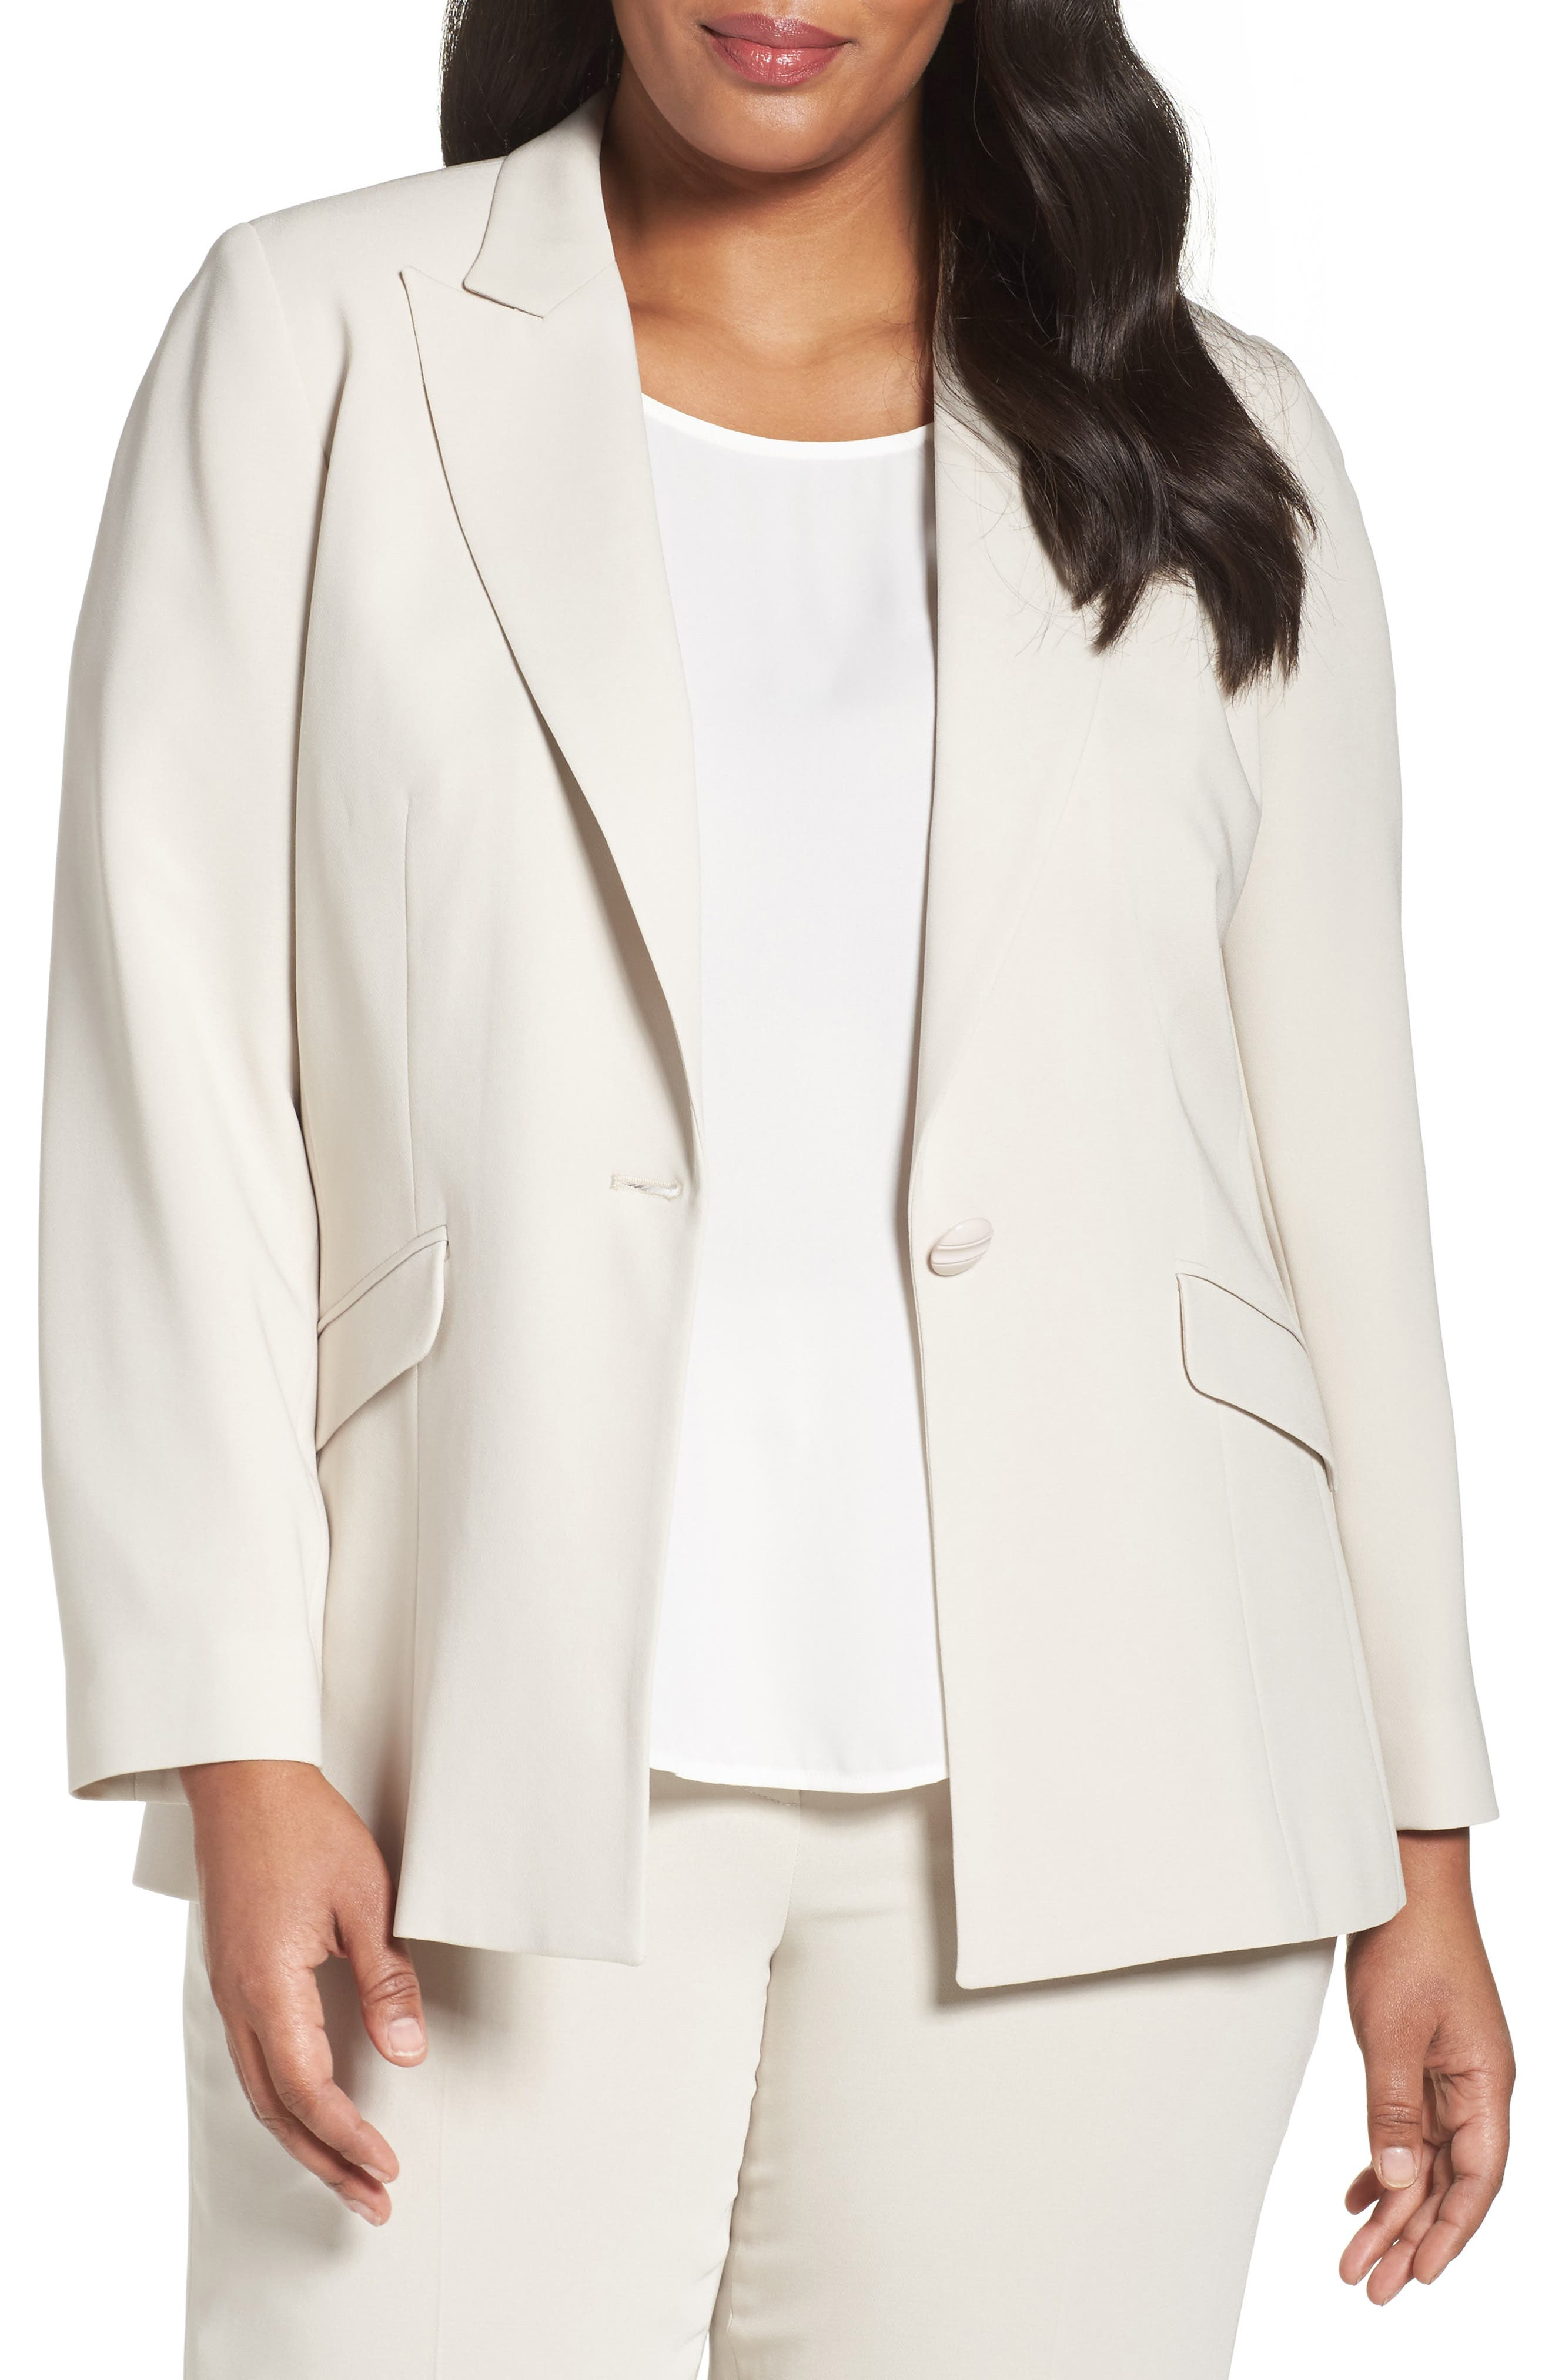 Main Image - Louben Peak Lapel Suit Jacket (Plus Size)